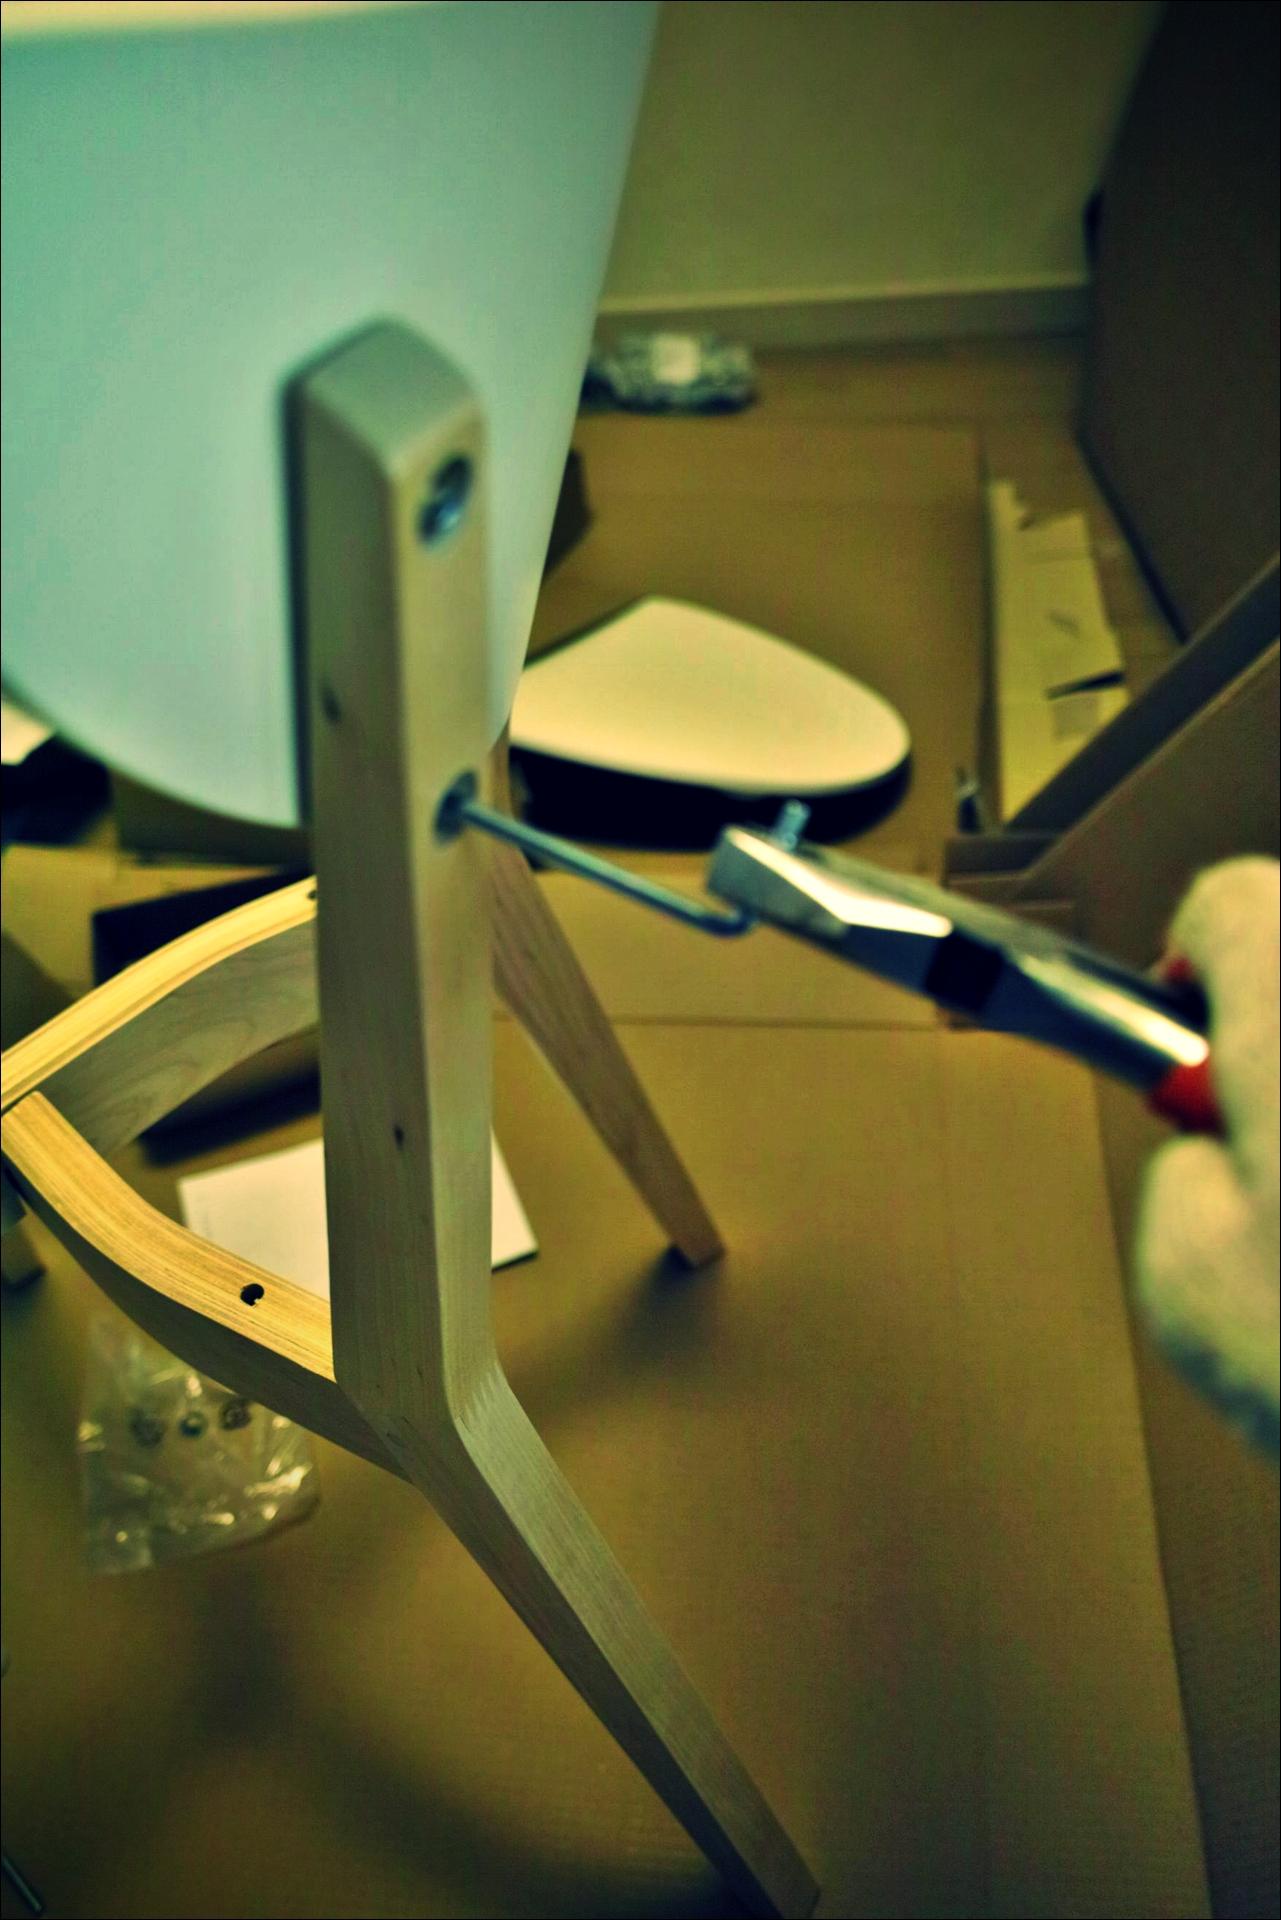 펜치 활용-'이케아 가구 조립 노하우. How to assemble ikea furnitures'